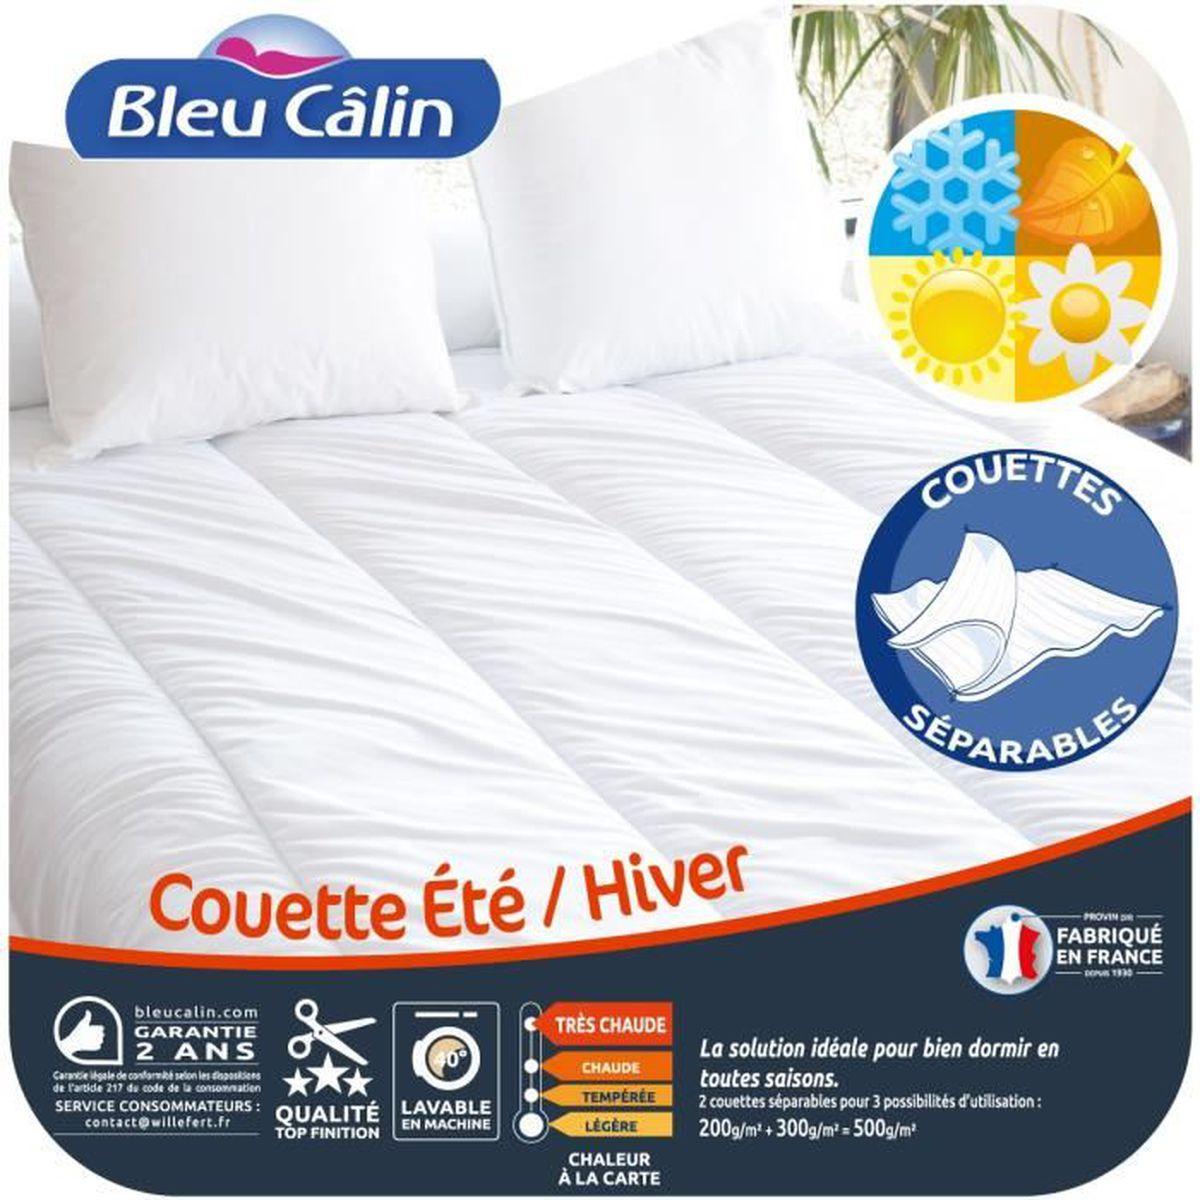 BLEU CALIN Couette Été Hiver 200x200 cm blanc   Achat / Vente